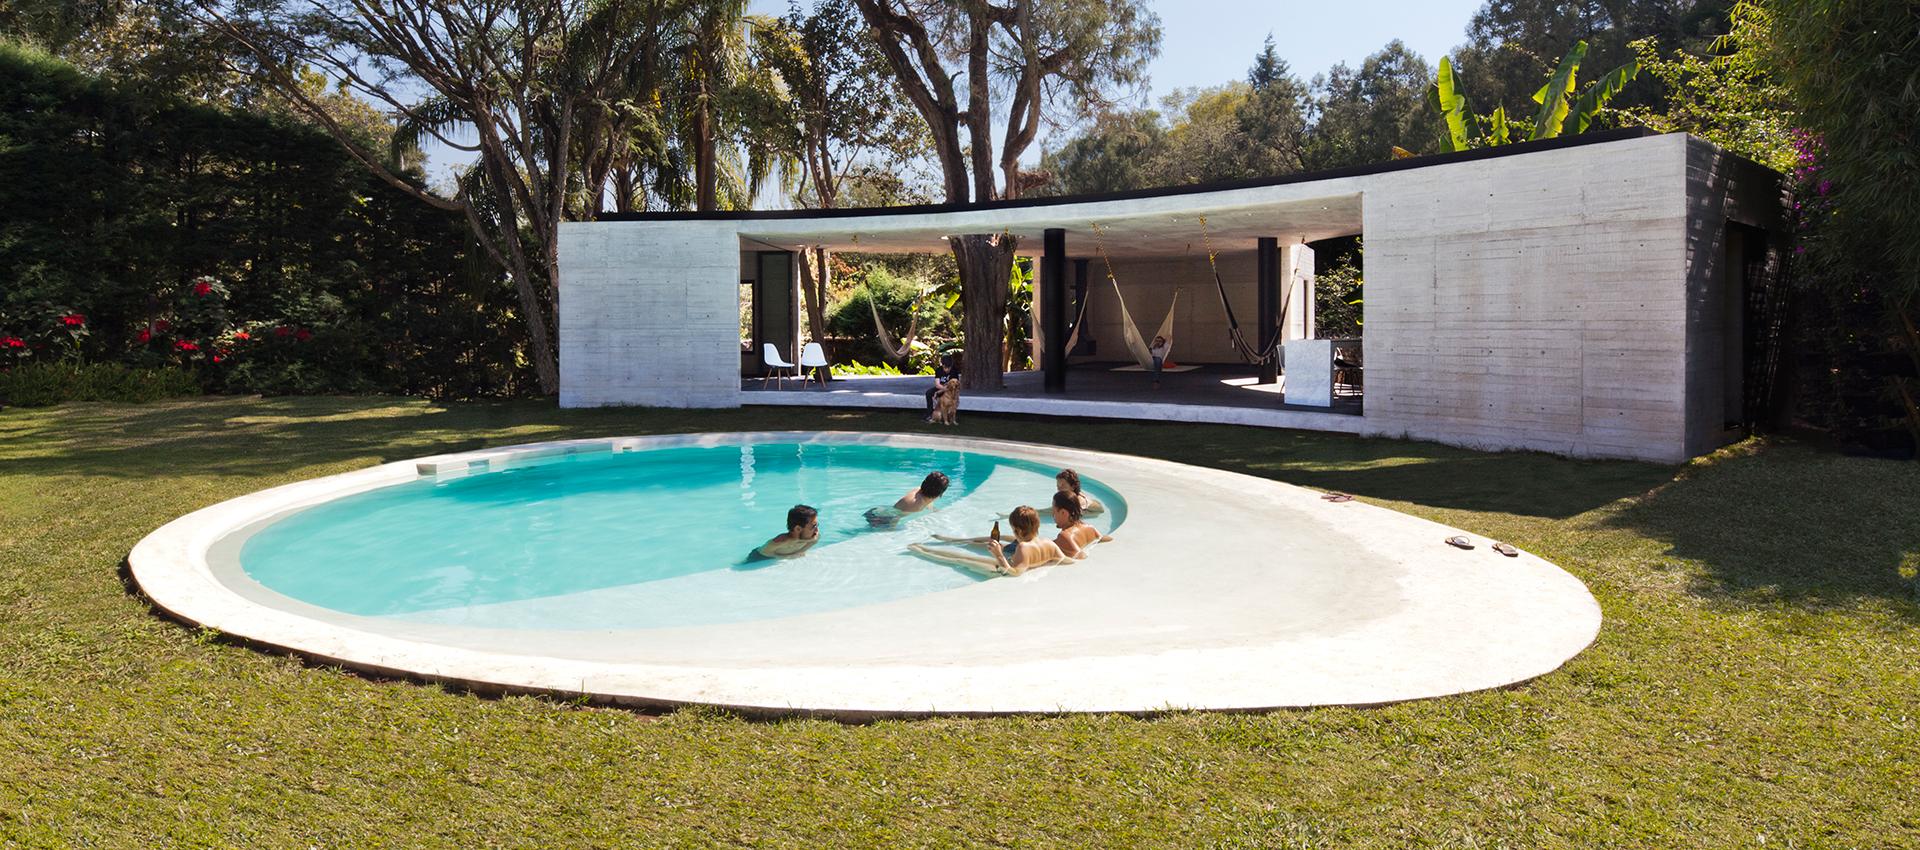 Lounge Tepoztlan por Cadaval & Solà-Morales. Fotografía © Diego Berruecos